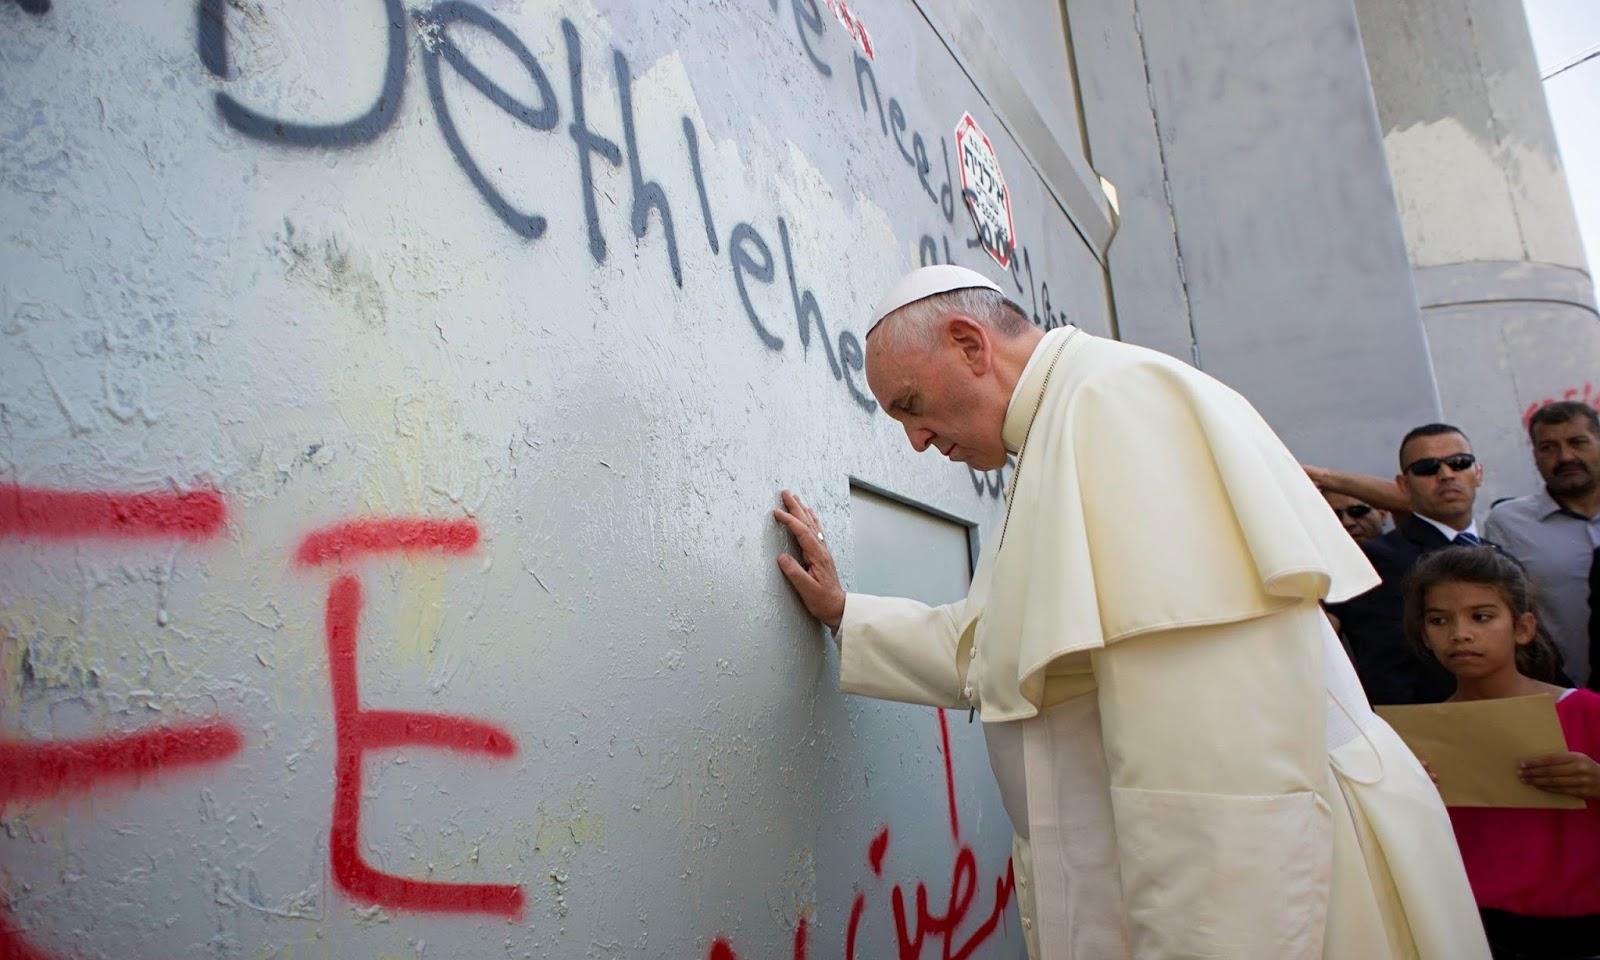 Ιστορική συνάντηση του Τσίπρα με τον Πάπα στο Βατικανό